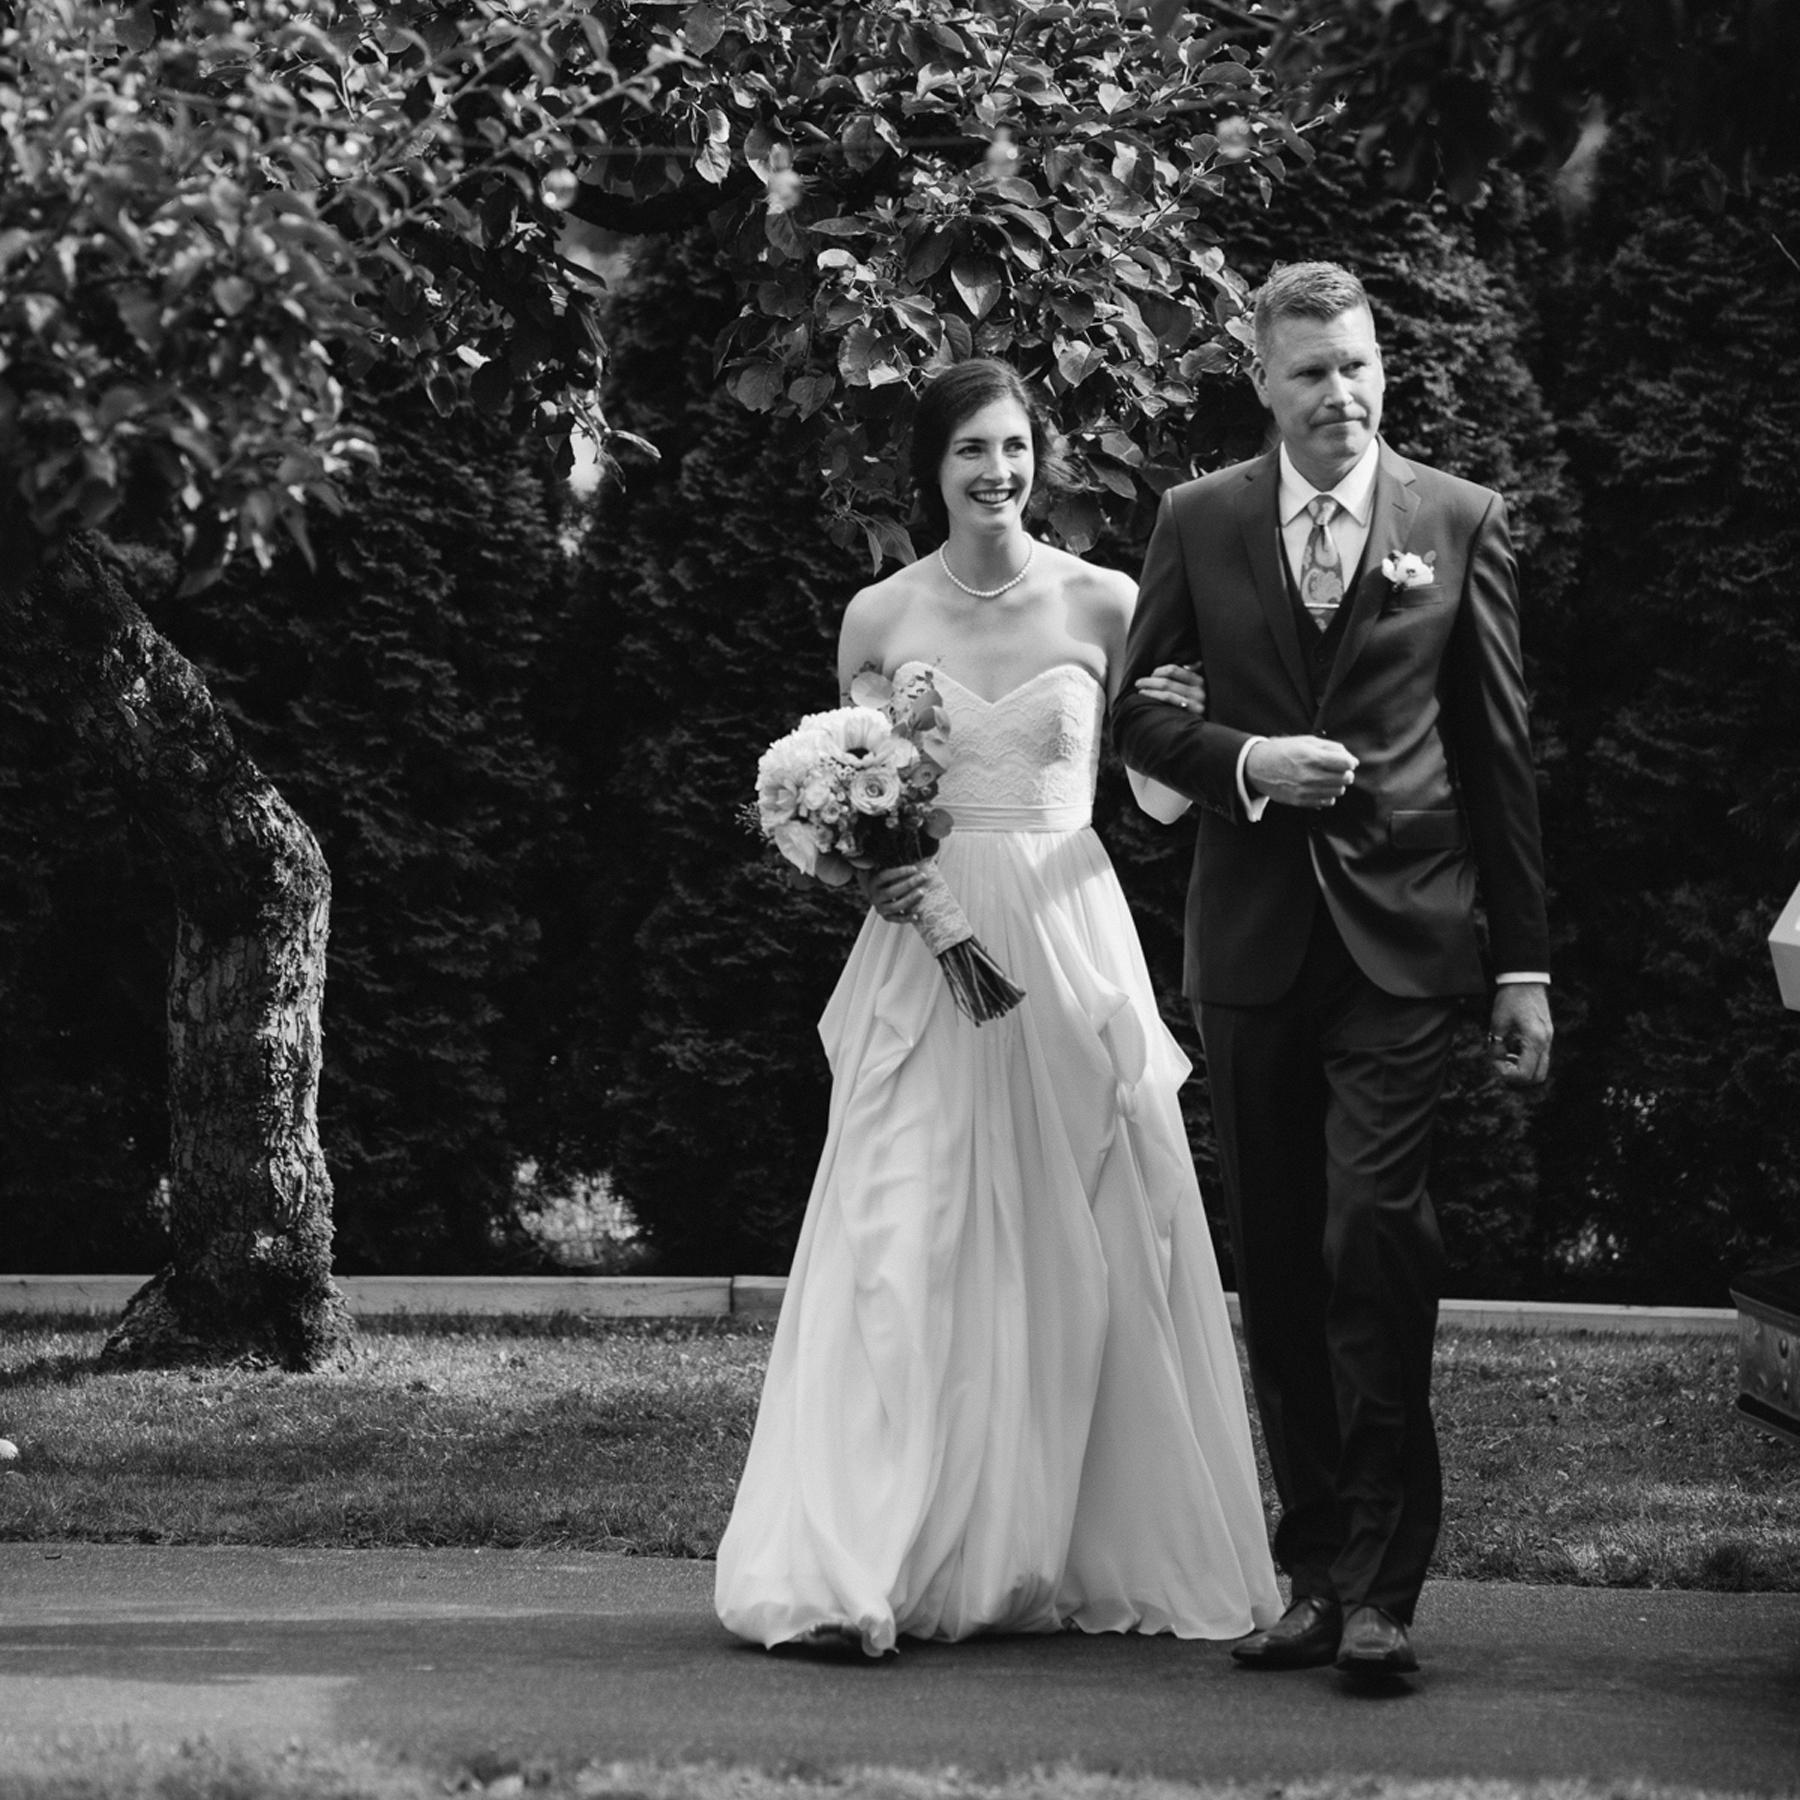 Vancouver-Rustic-Farm-Wedding-KB-109.jpg